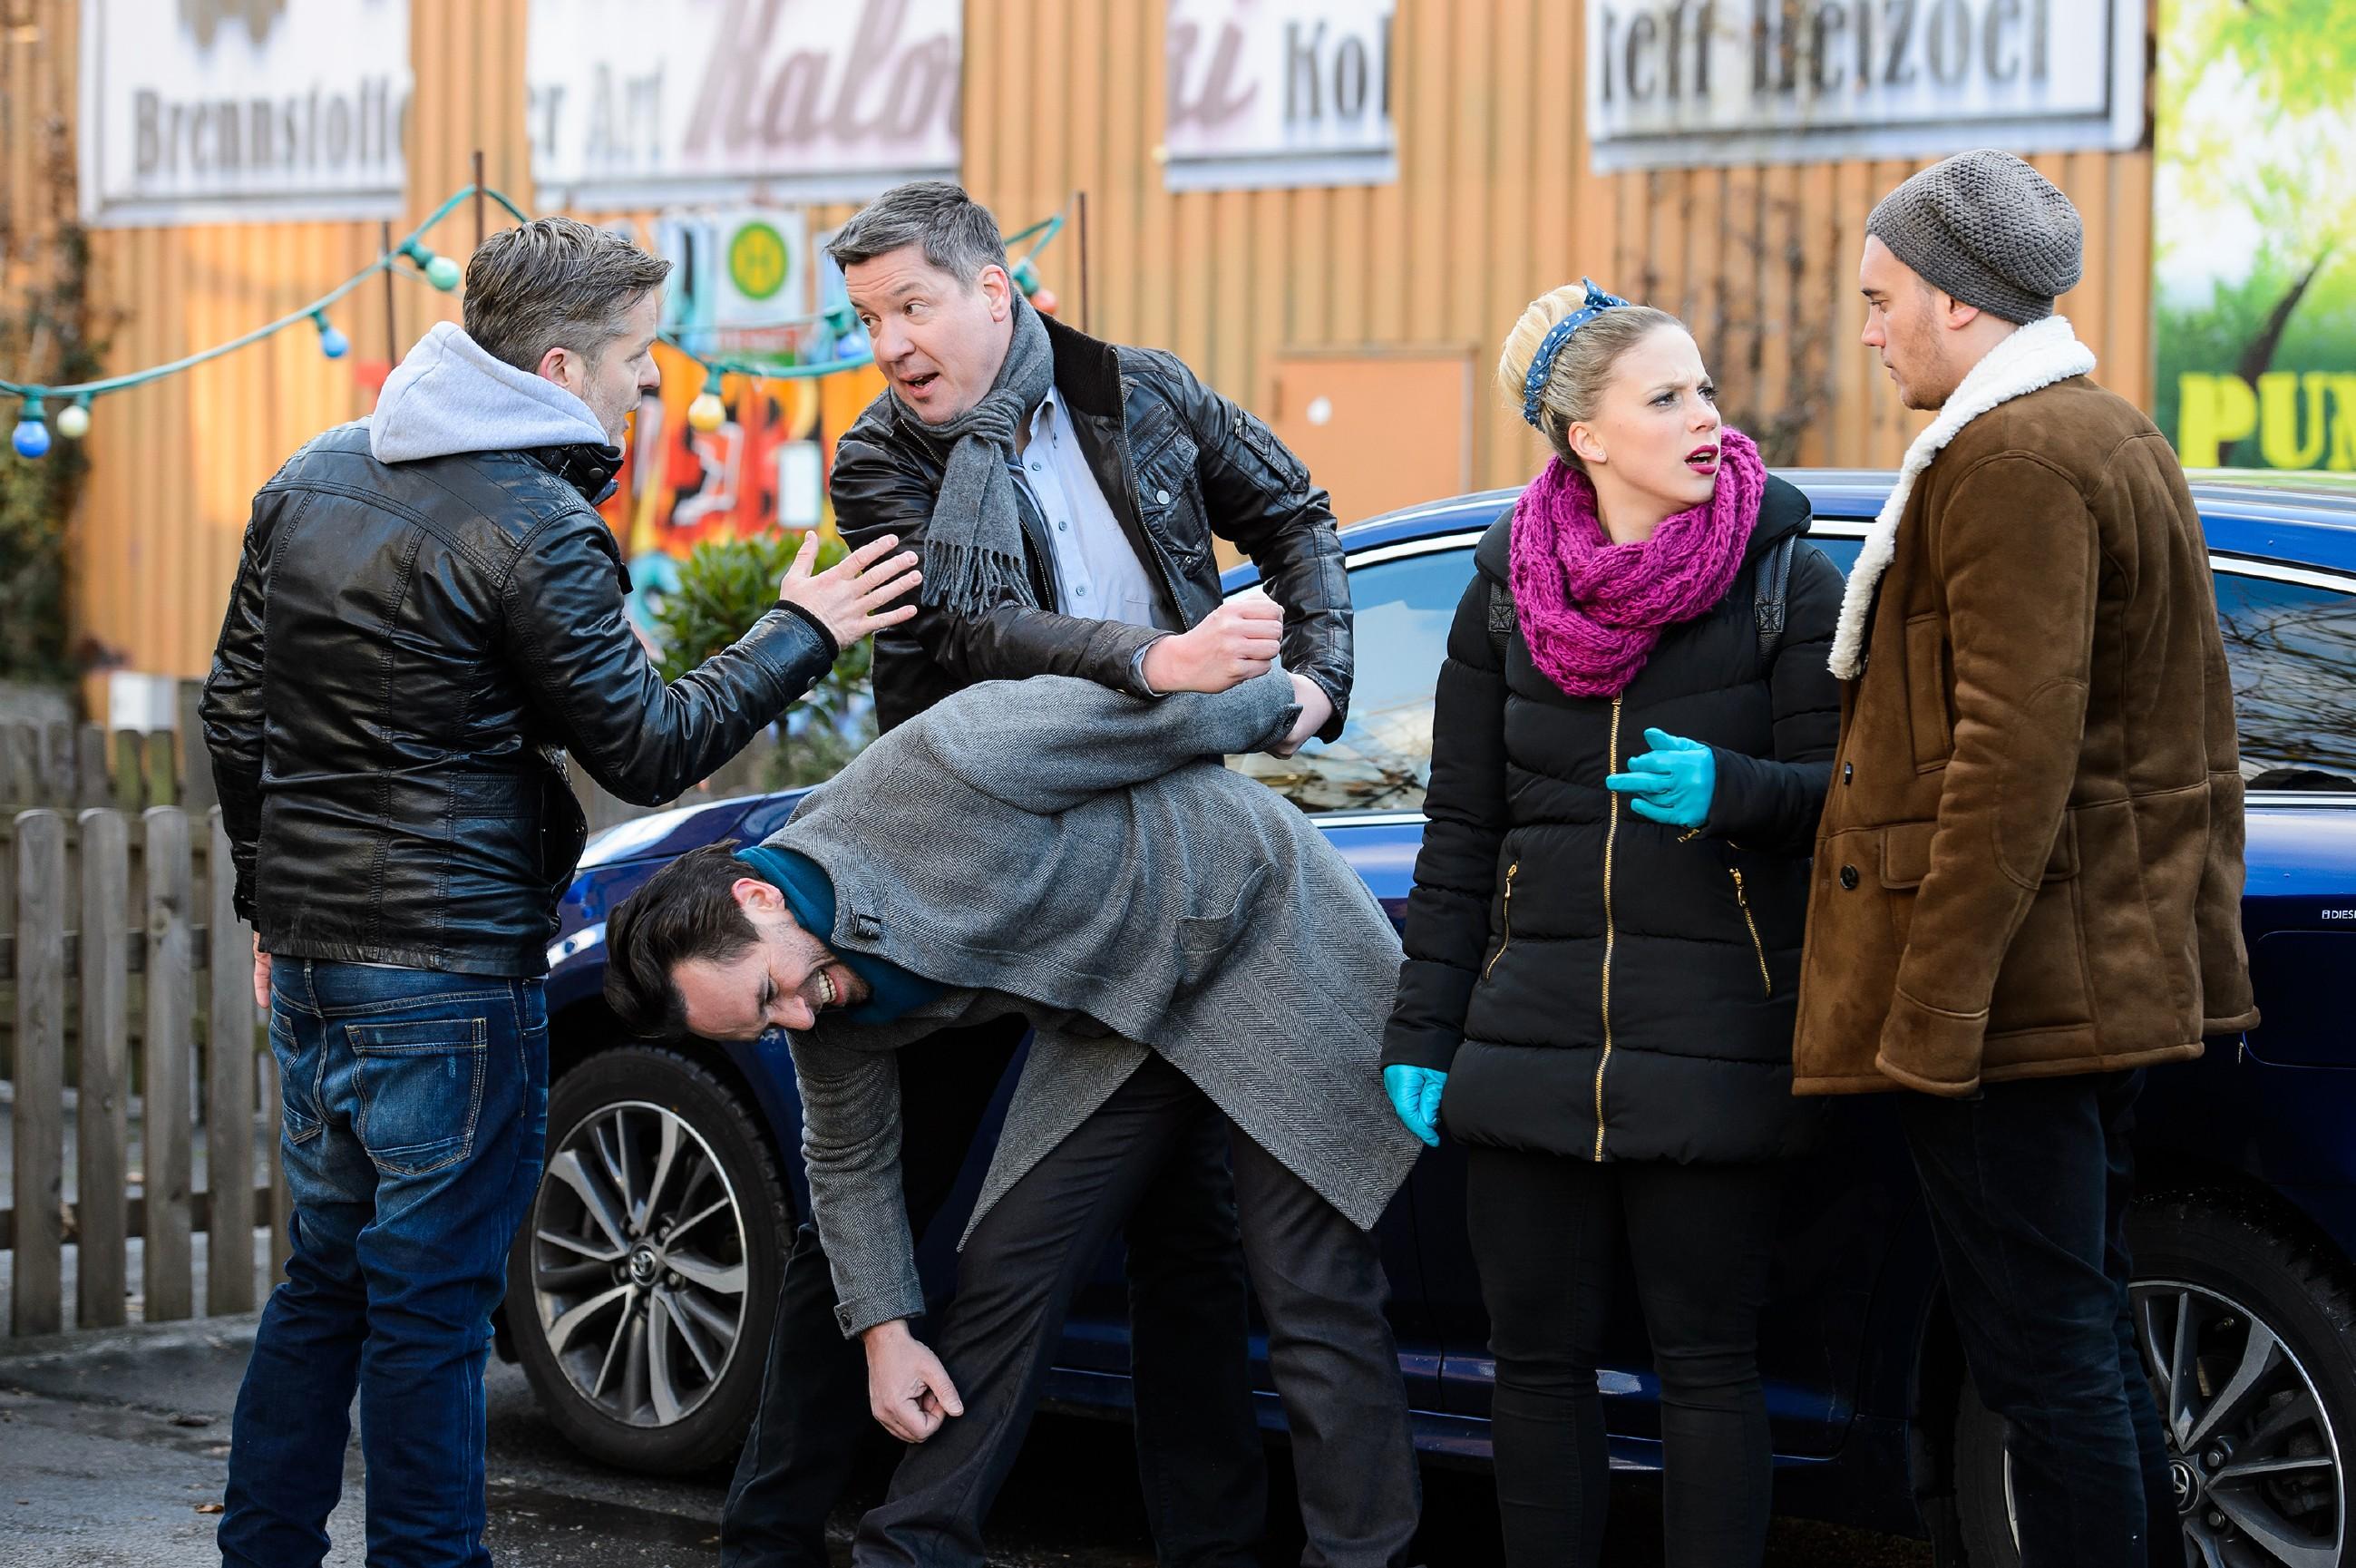 Thomas (Daniel Brockhaus, 2.v.l.) verliert die Fassung, als Hohnert (Markus Haase, M.) ihn auffordert, sich mit Leos Tod abzufinden. Doch Hohnert kann Thomas packen und fordert ihn auf, sich zu beruhigen, während Ingo (André Dietz, l.), Iva (Christina Klein) und Ronny (Bela Klentze) auf den Kommissar einreden, dass Leo nicht tot sein kann. (Quelle: RTL / Willi Weber)